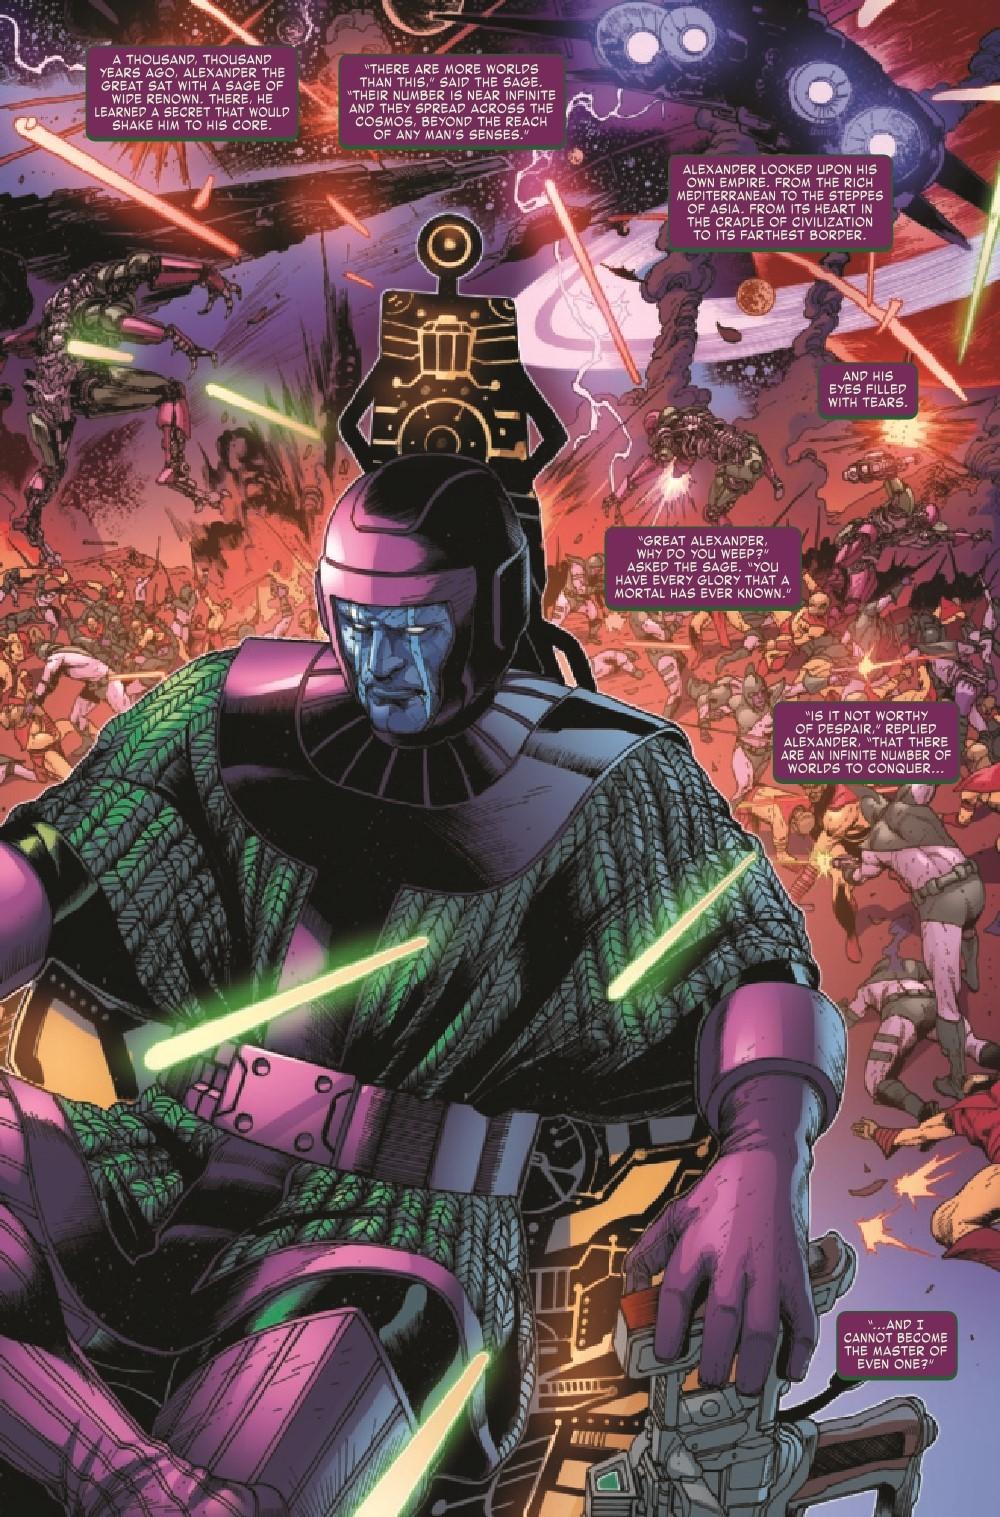 KANGCONQUEROR2021001_Preview-3 ComicList Previews: KANG THE CONQUEROR #1 (OF 5)